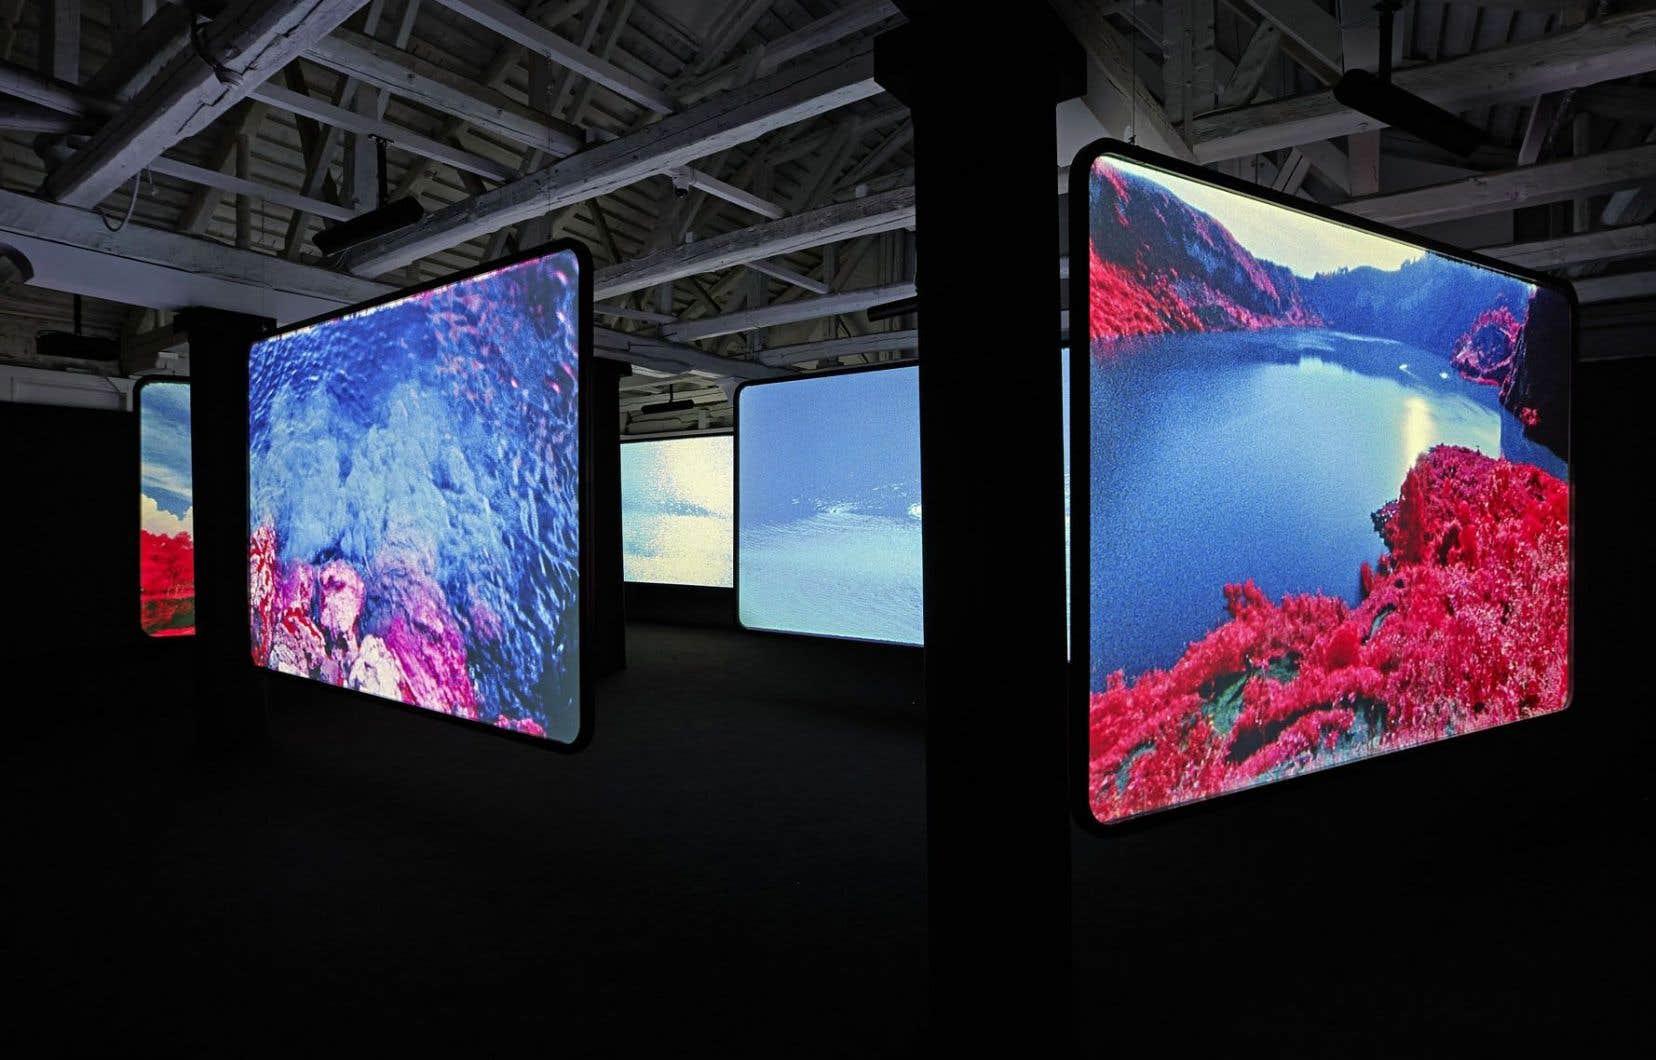 Richard Mosse, The Enclave, 2013. Vue de l'exposition. Installation vidéo à six écrans, film couleur infrarouge transféré en vidéo HD.